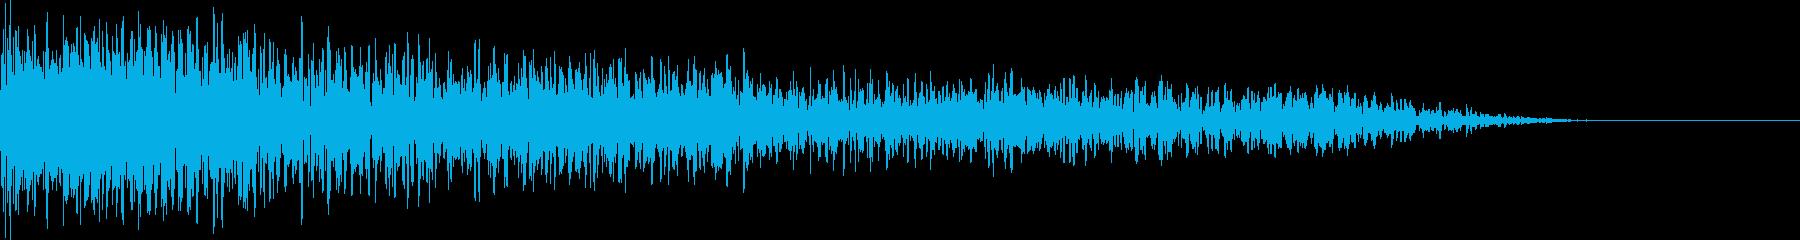 ドキュメンタリー インパクト転換音 の再生済みの波形